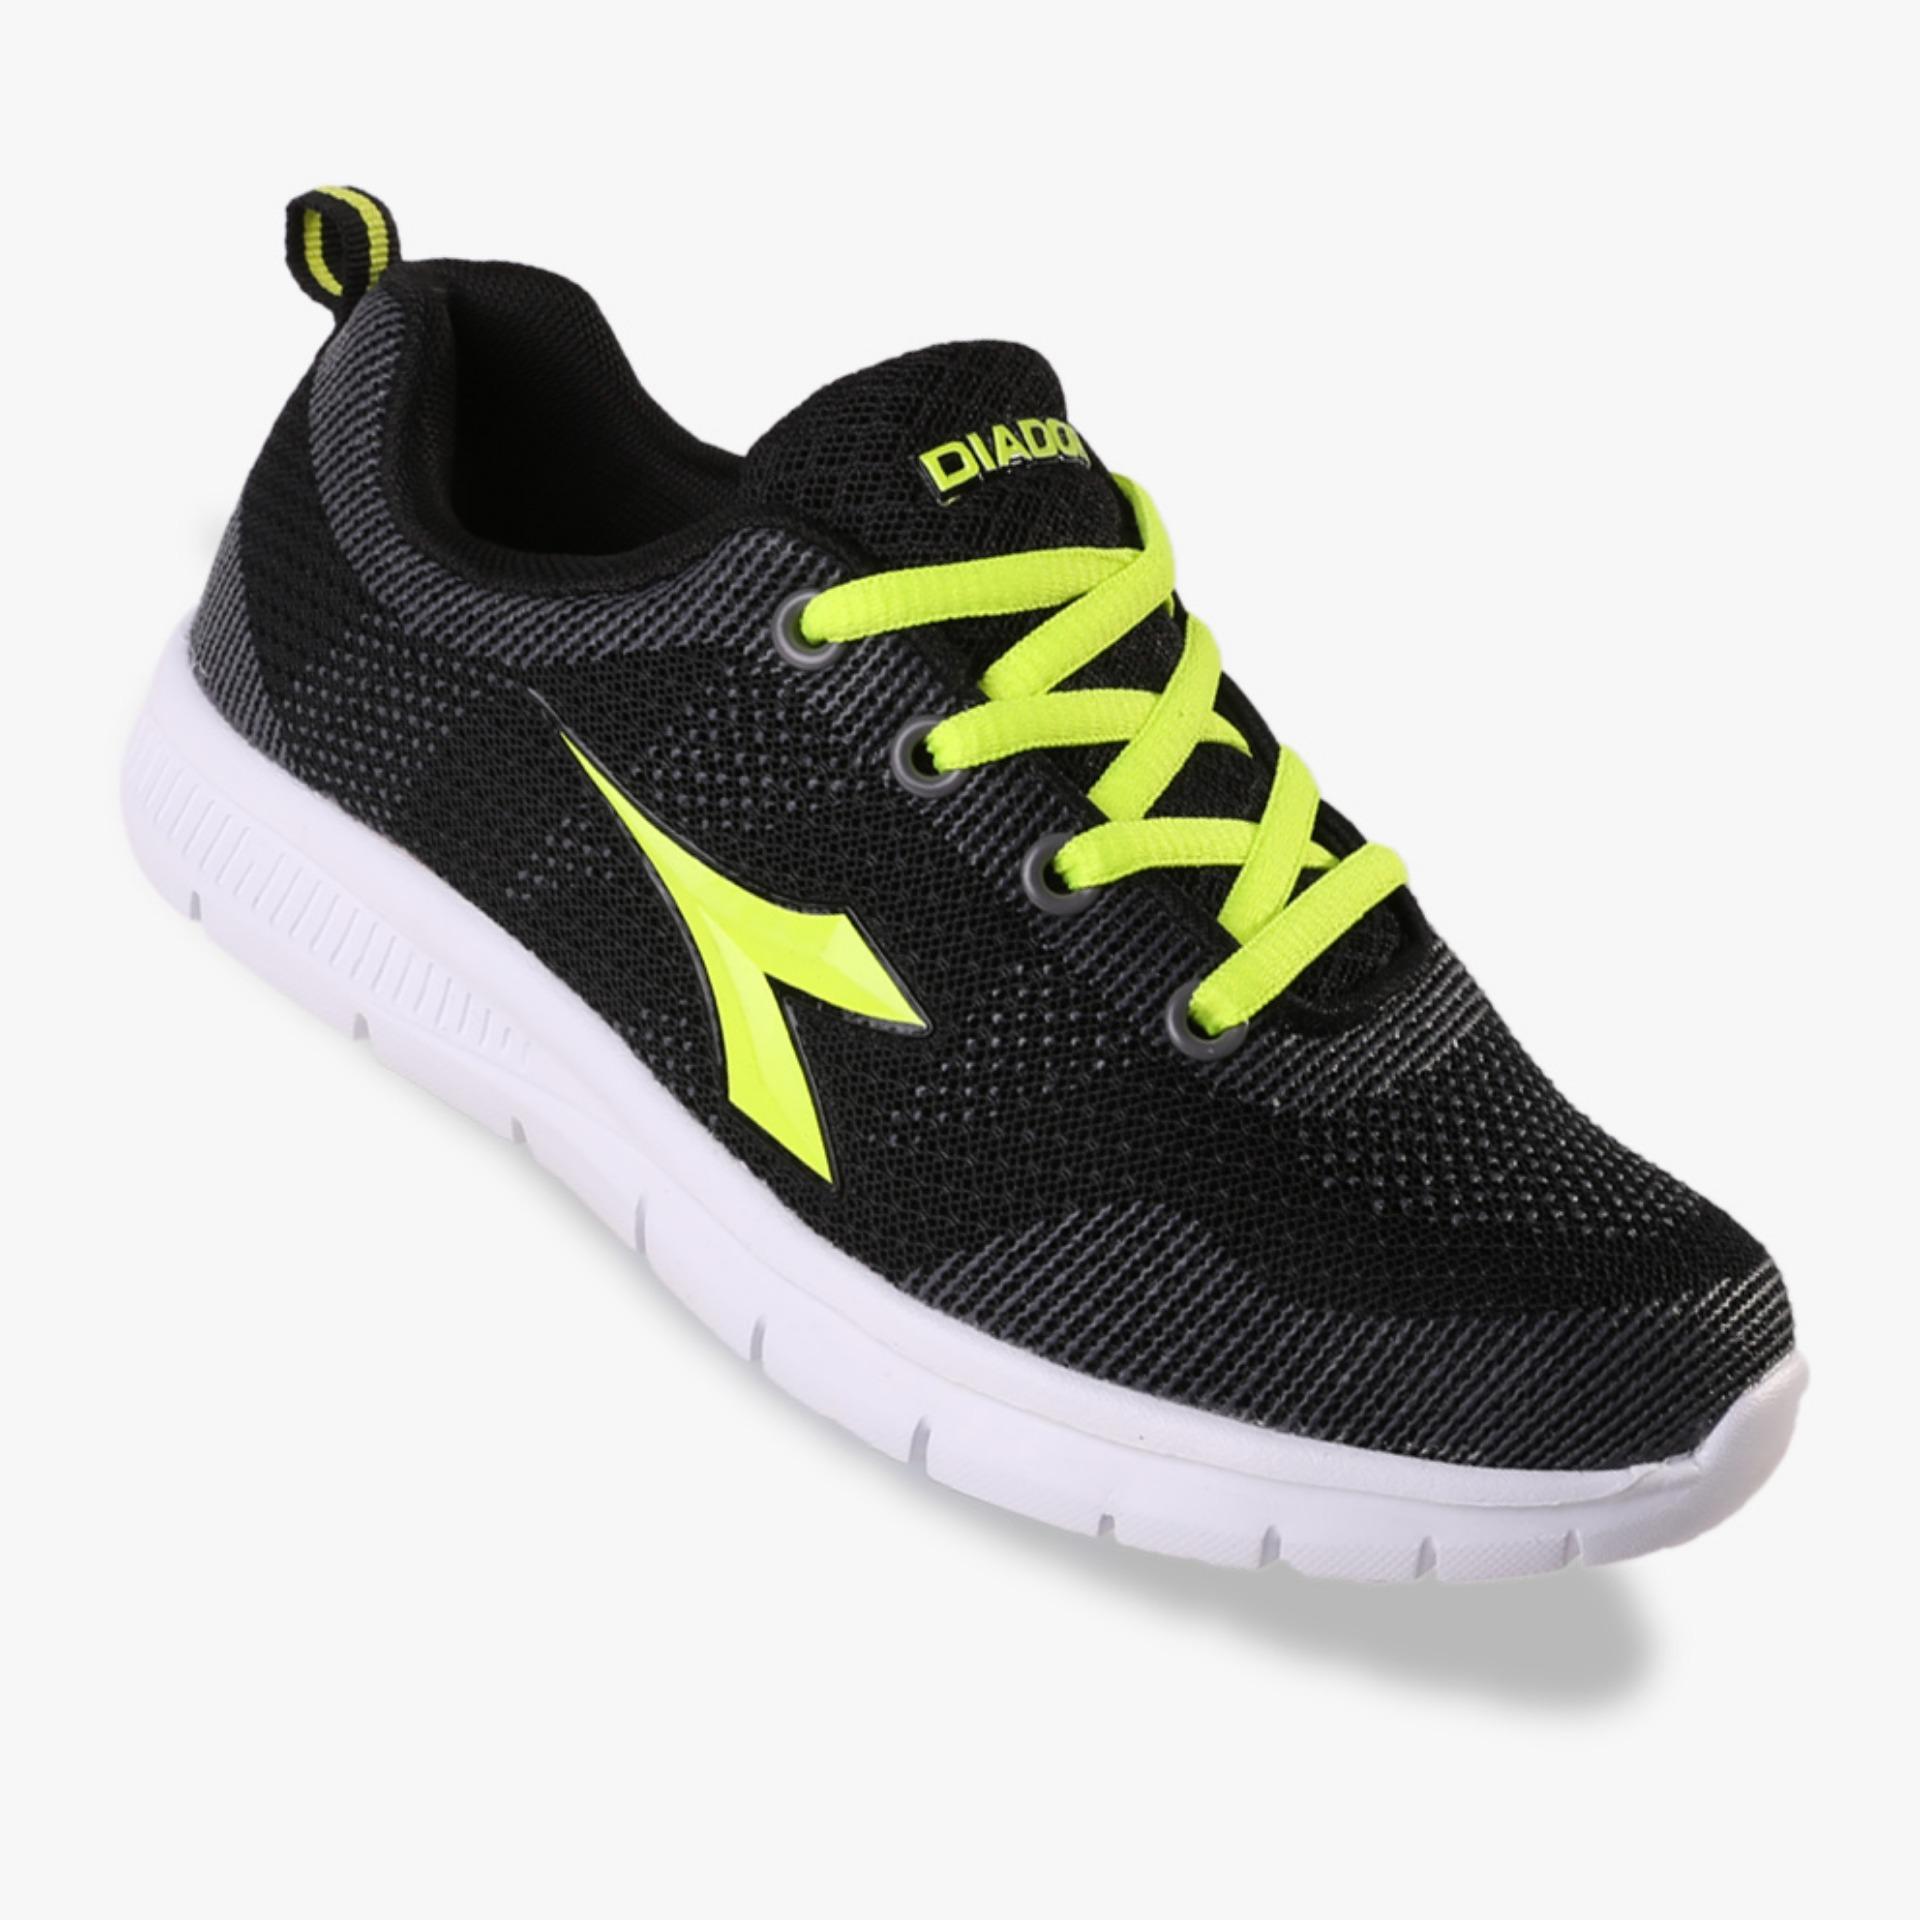 Harga Diadora Esta Boys Sneakers Shoes Hitam New